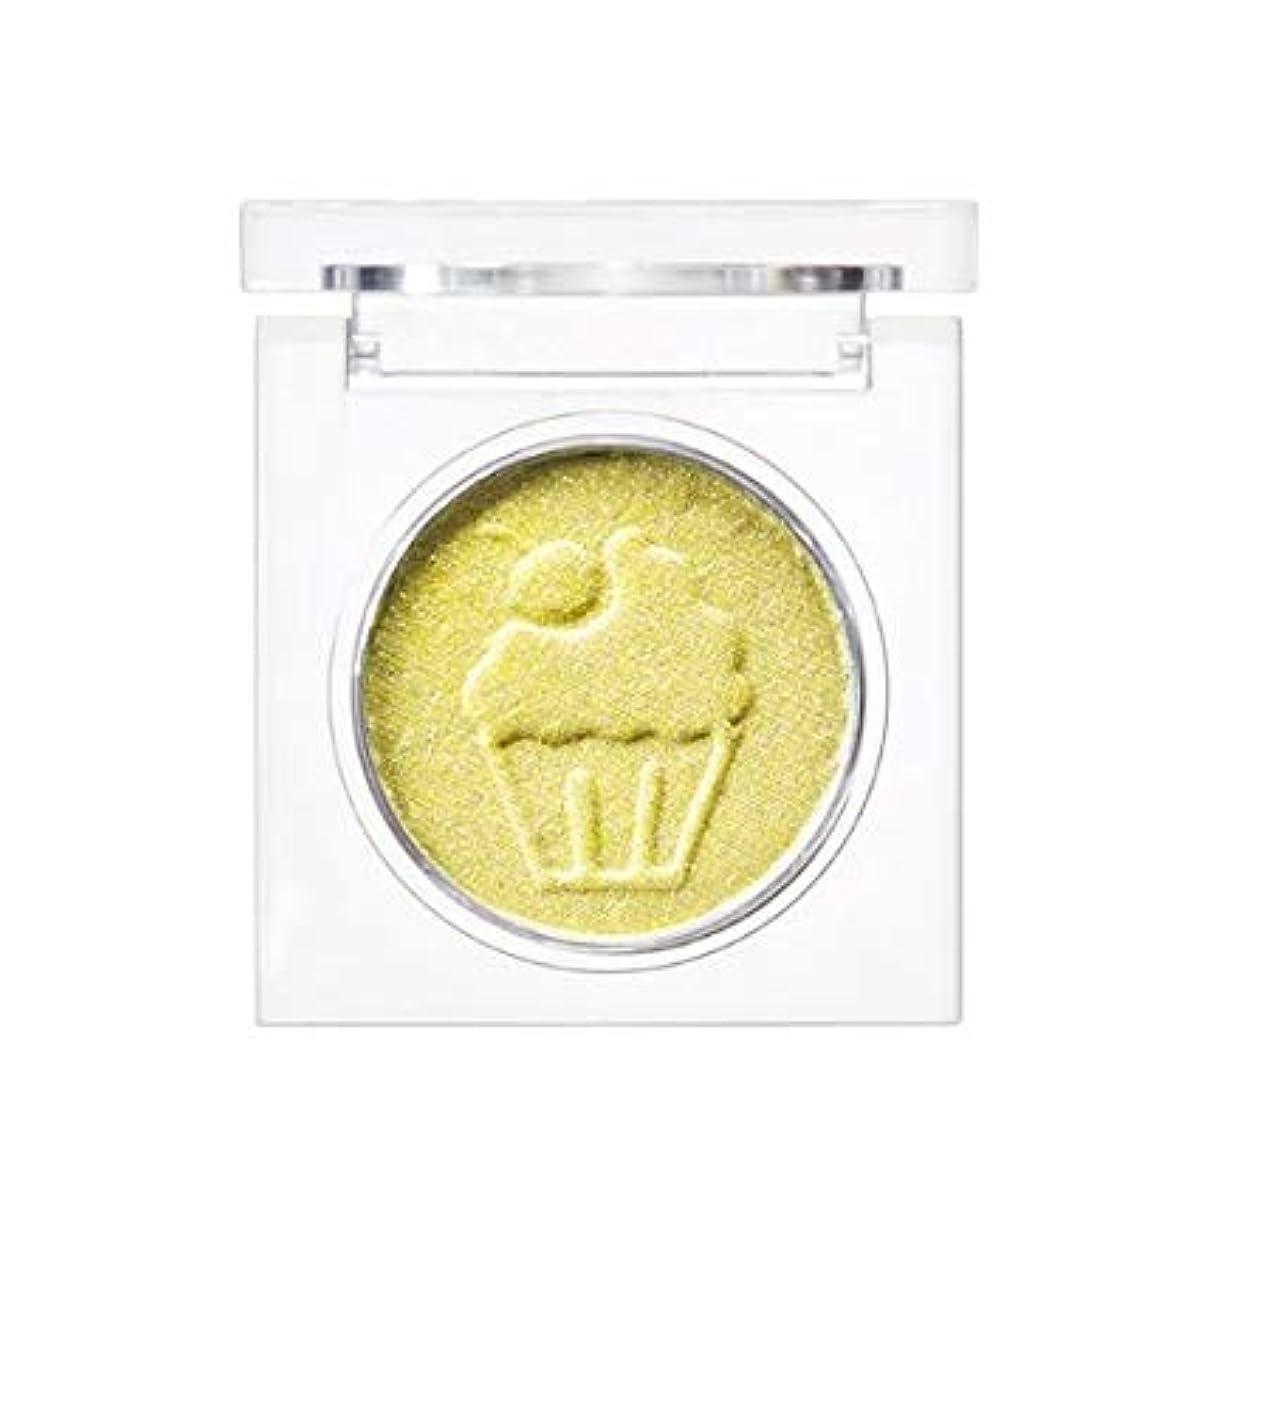 読書をする再生世紀Skinfood 私のデザートパーティーアイシャドウ#G02ライムプリン / My Dessert Party Eyeshadow #G02 Lime Pudding [並行輸入品]